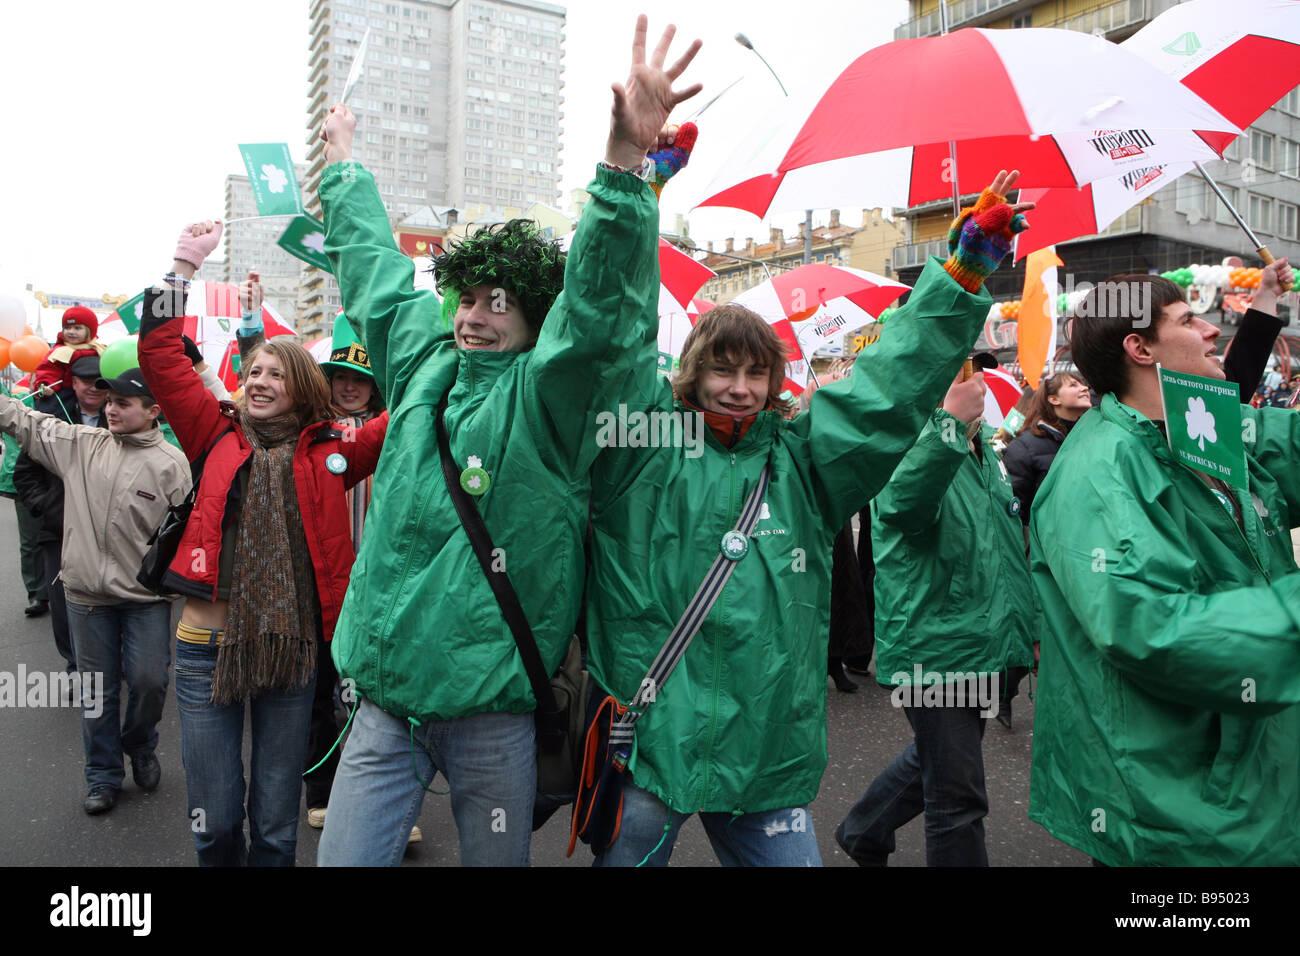 Keltische Symbolik in St Patrick s Day parade Novy Arbat eines Moskauer s zentrale Straßen Stockbild